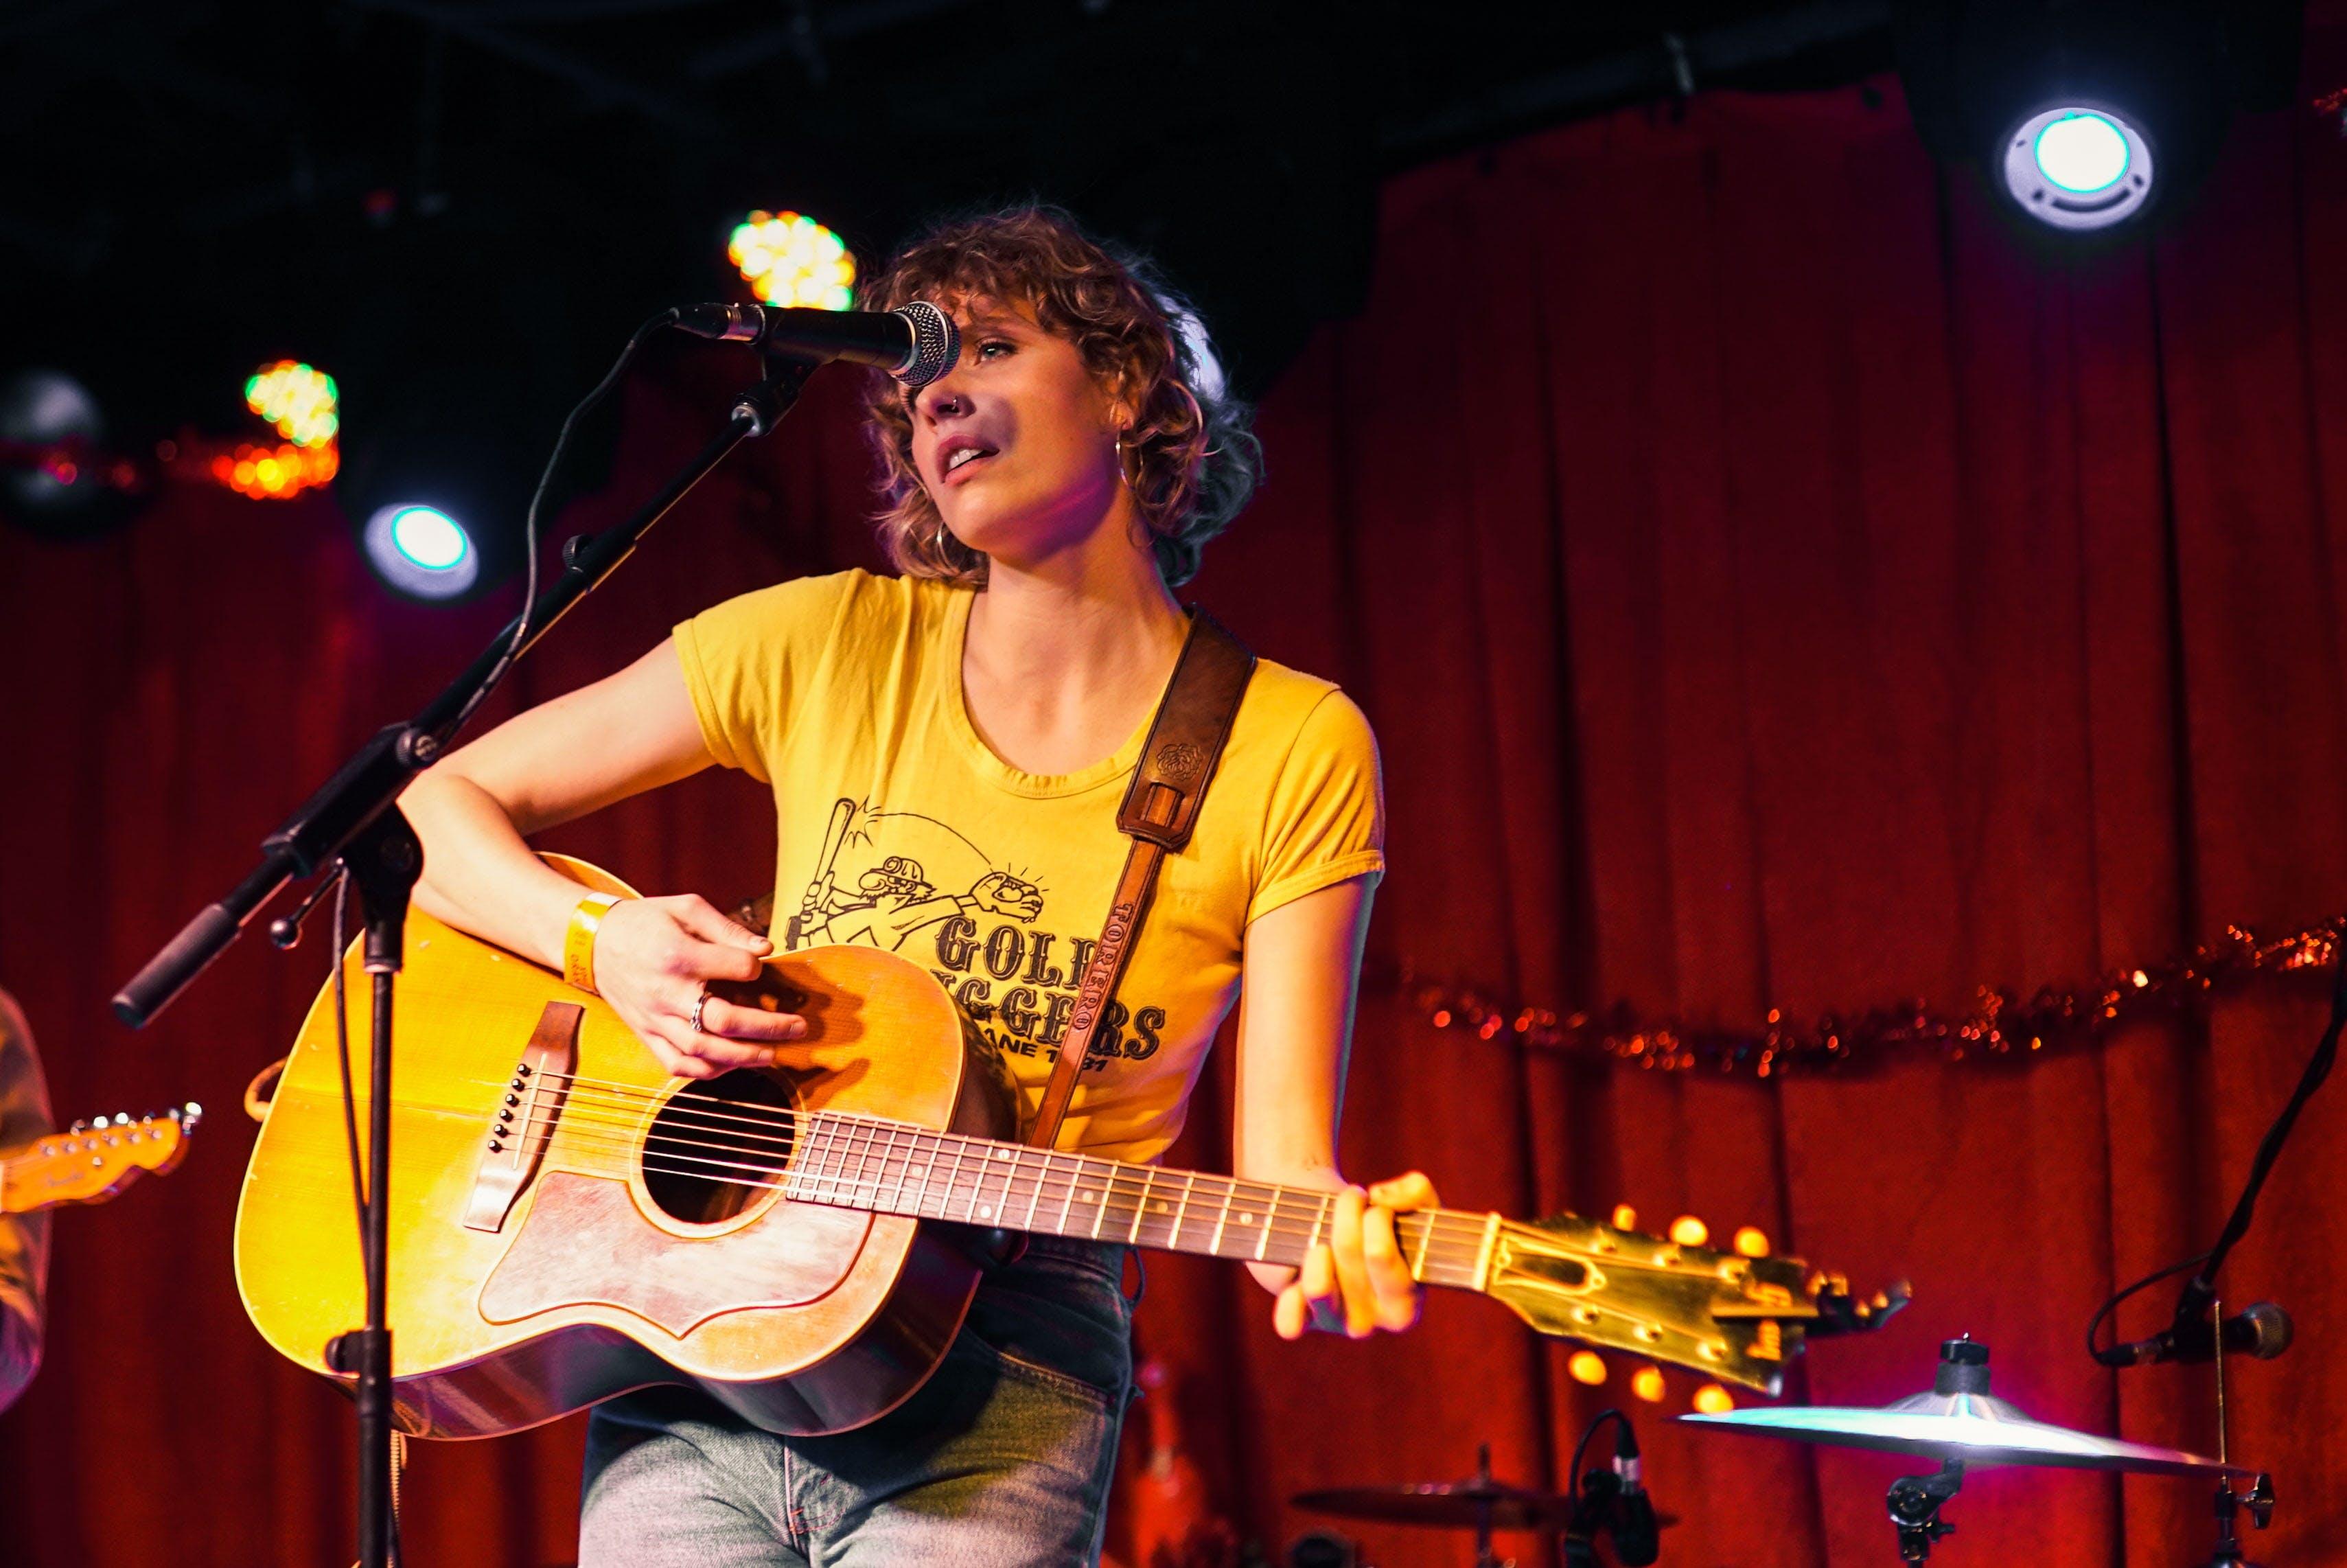 Kostenloses Stock Foto zu akustische gitarre, attraktiv, aufführung, band